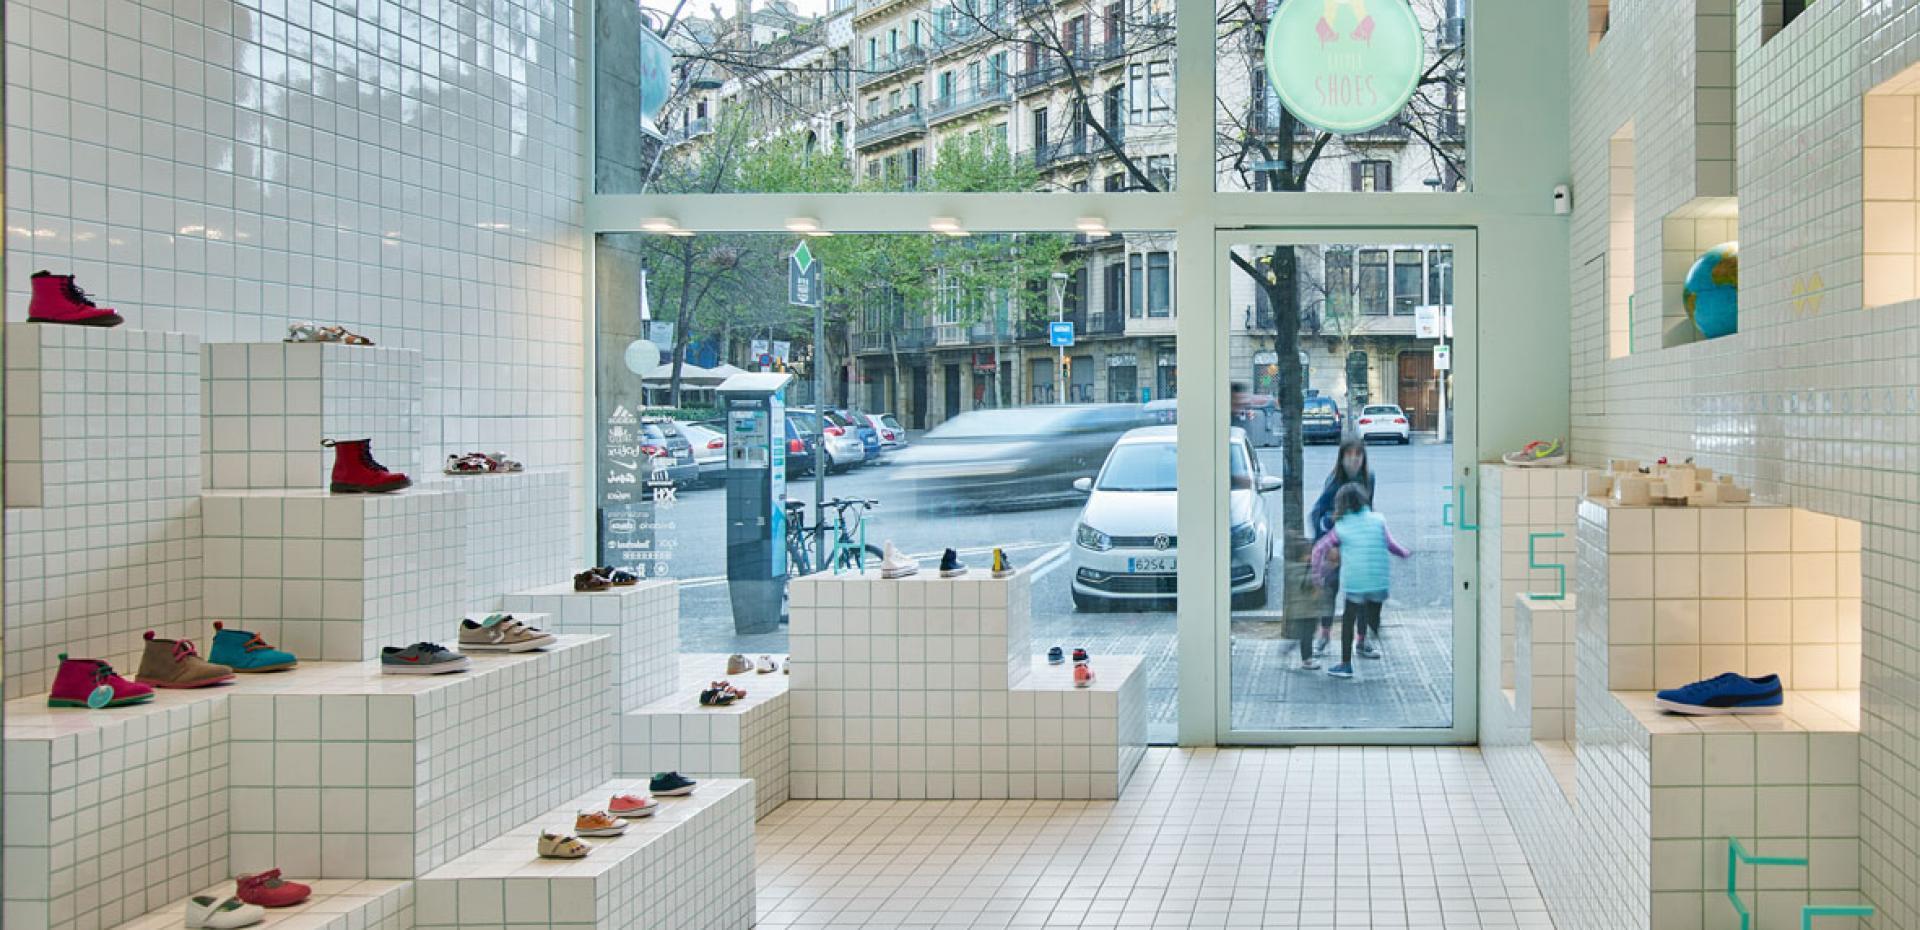 7448a8eb024e7 Footwear Store Little Shoes Barcelona Spain